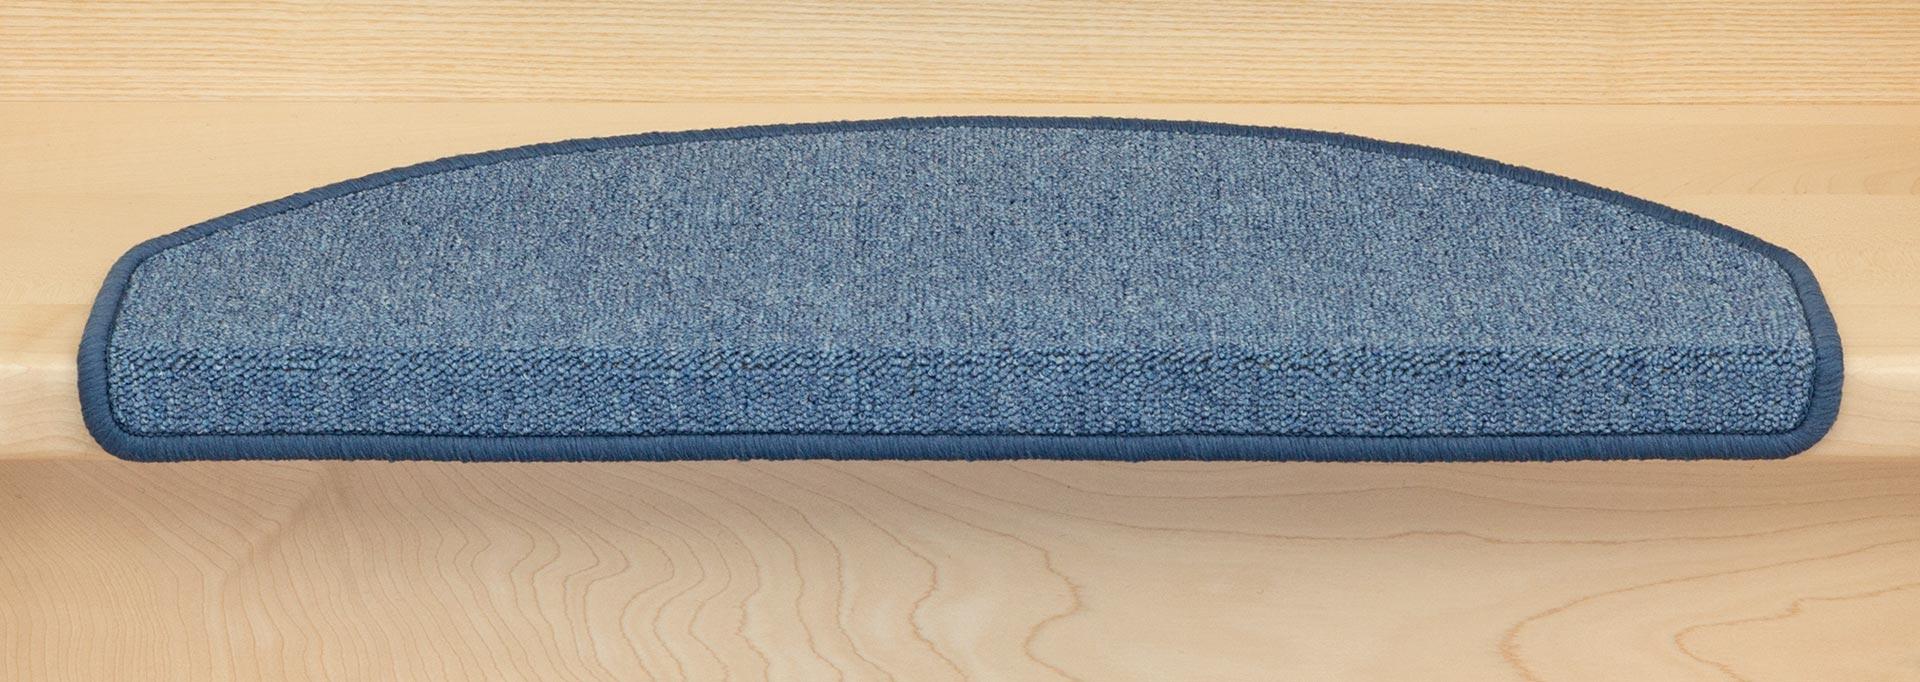 Stufenmatten-Rambo-New-versch-Farb-u-Set-Varianten-10-30-Stk-amp-Fleckentferner Indexbild 14